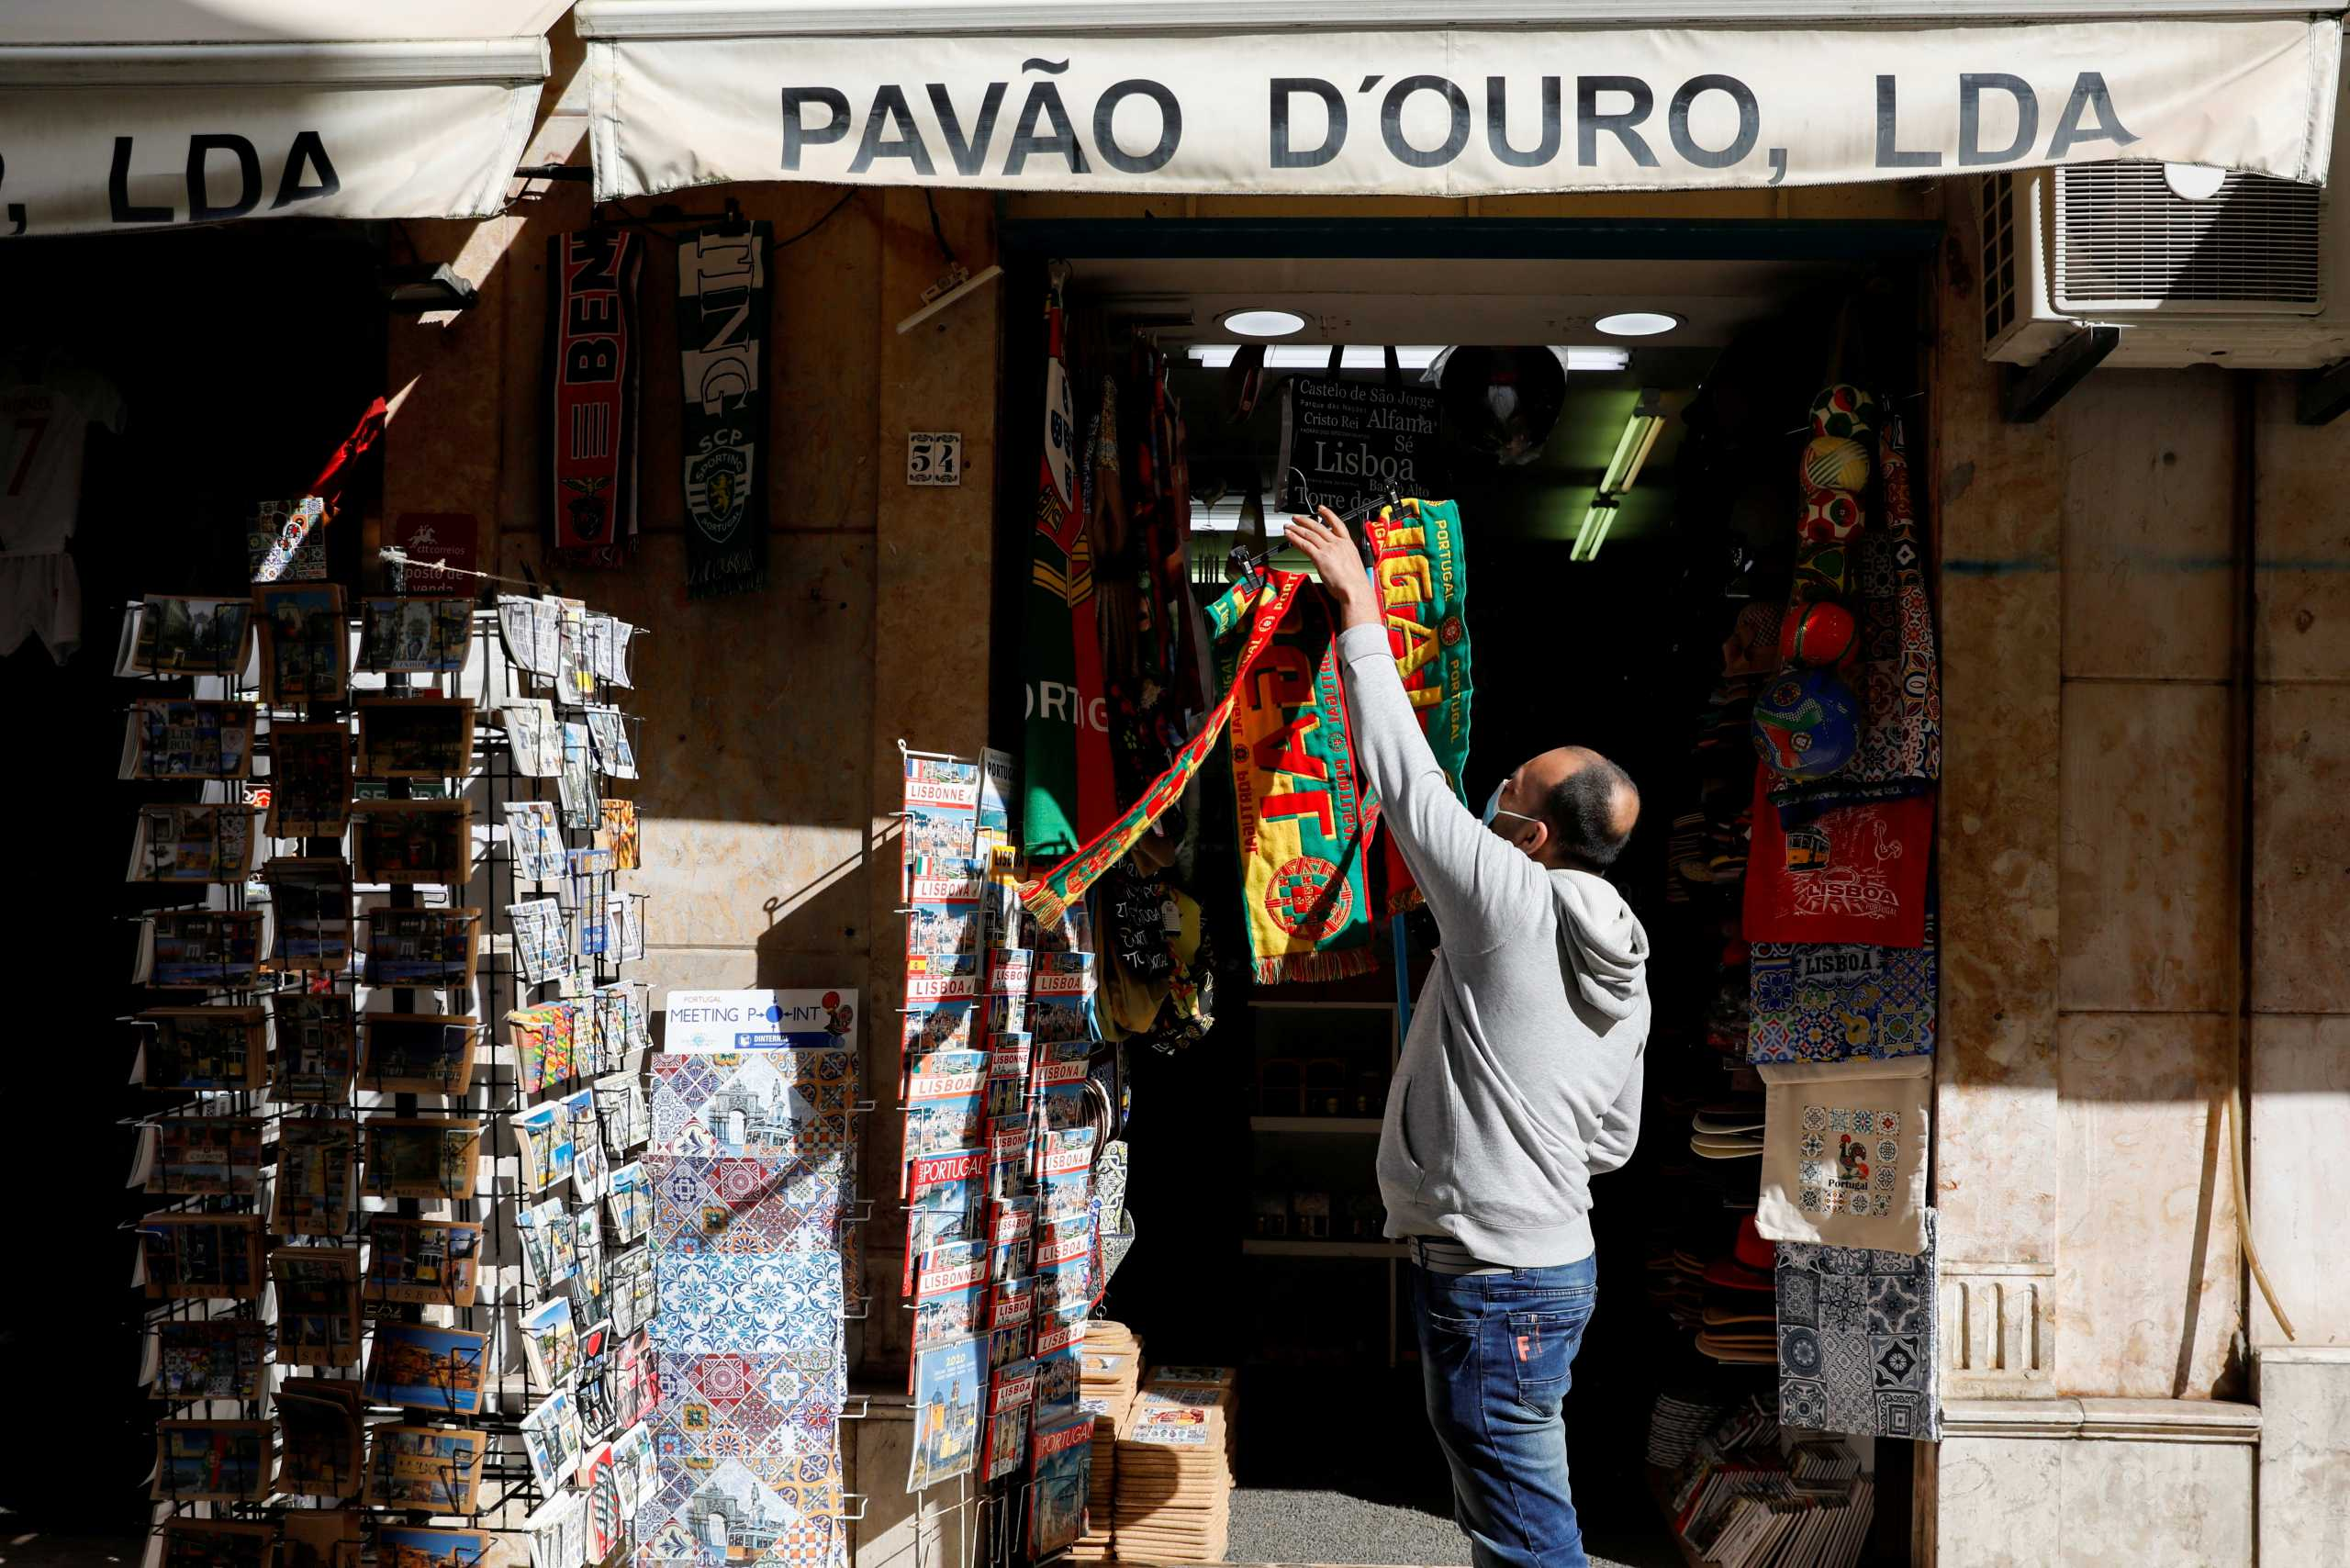 Κορονοϊός – Πορτογαλία: Τη Δευτέρα αρχίζει η τρίτη φάση χαλάρωσης των μέτρων